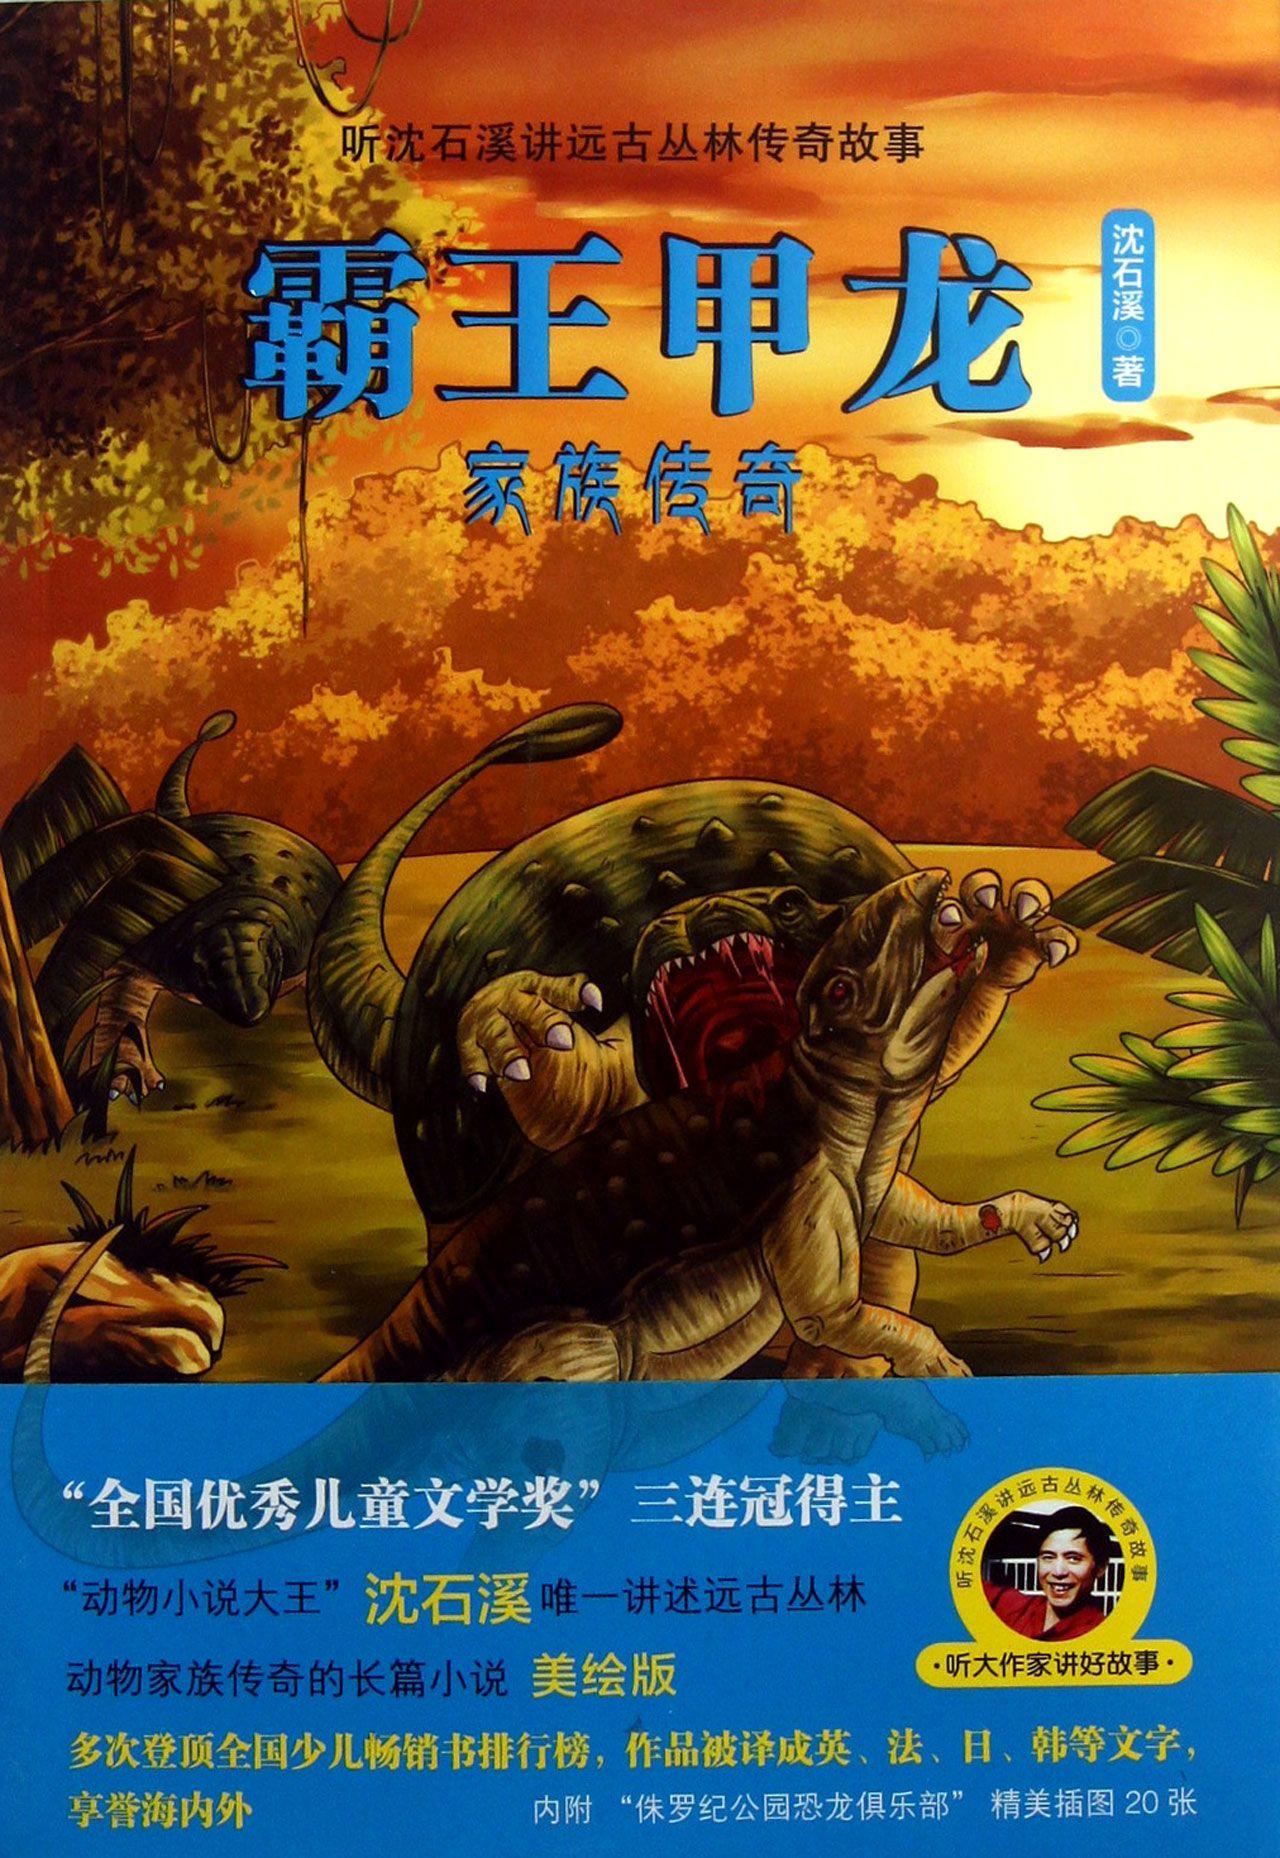 霸王甲龙家族传奇/听沈石溪讲远古丛林传奇故事